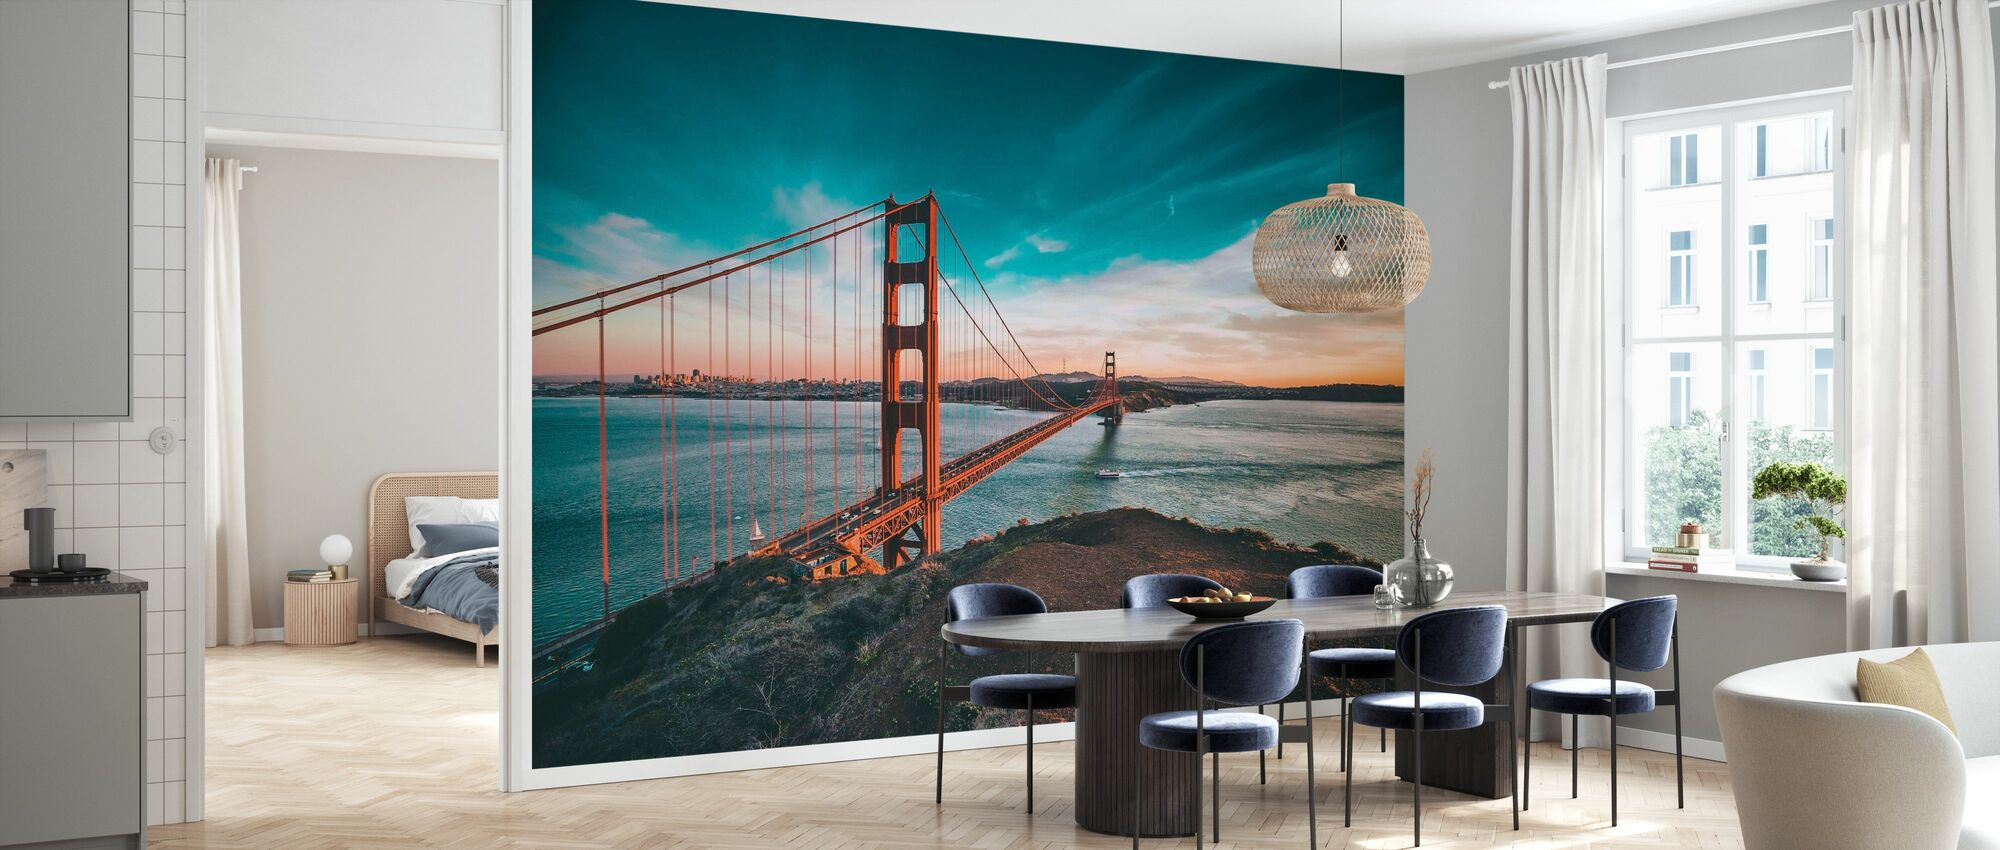 San Francisco Bridge - Wallpaper - Kitchen